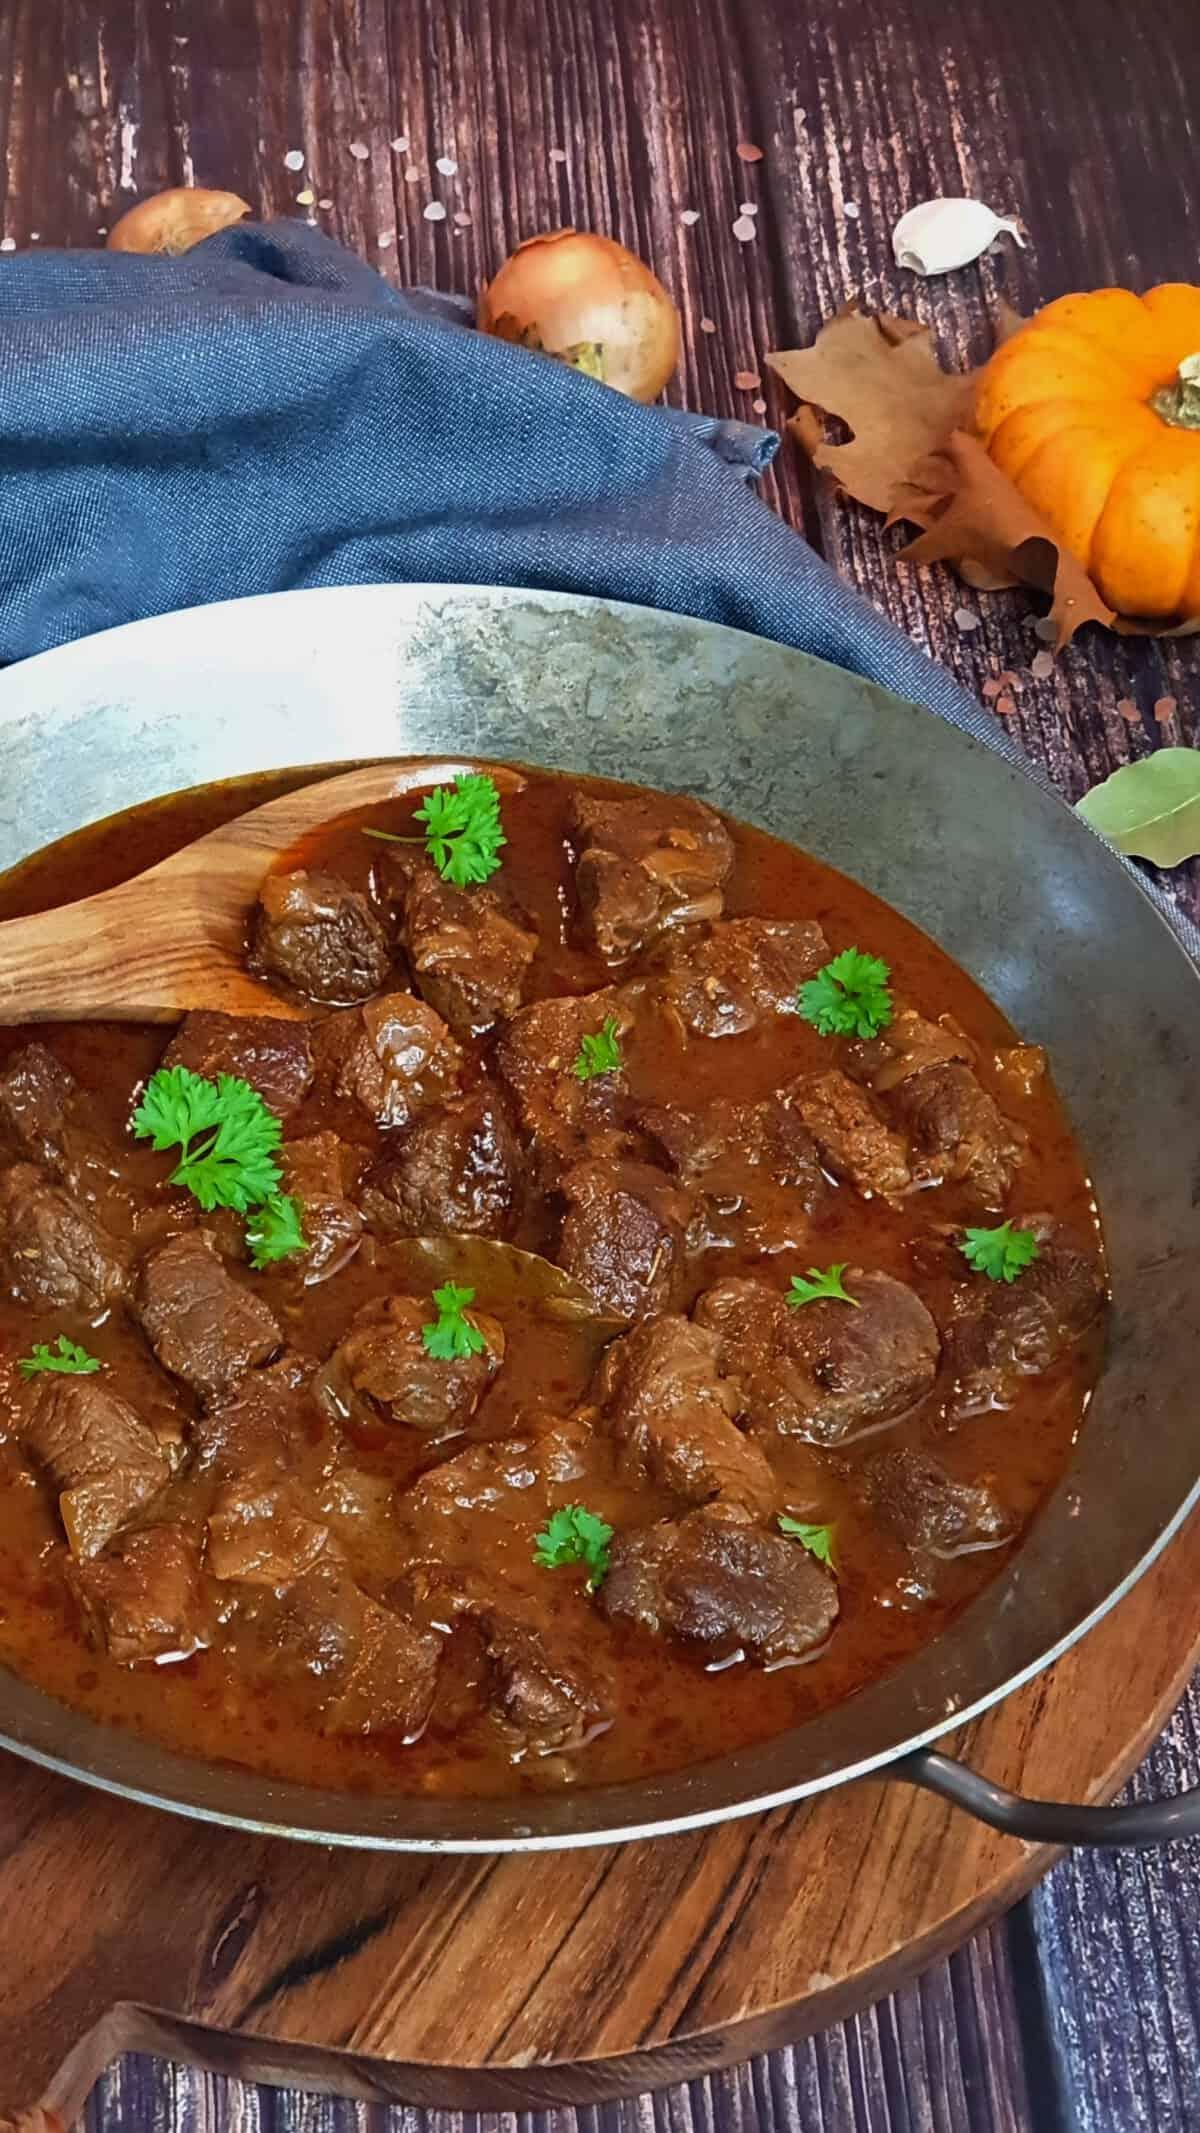 In einer gußeisernen Pfanne ein Gulasch mit Rindfleisch. Mit Petersilie garniert. Im Hintergrund Deko.